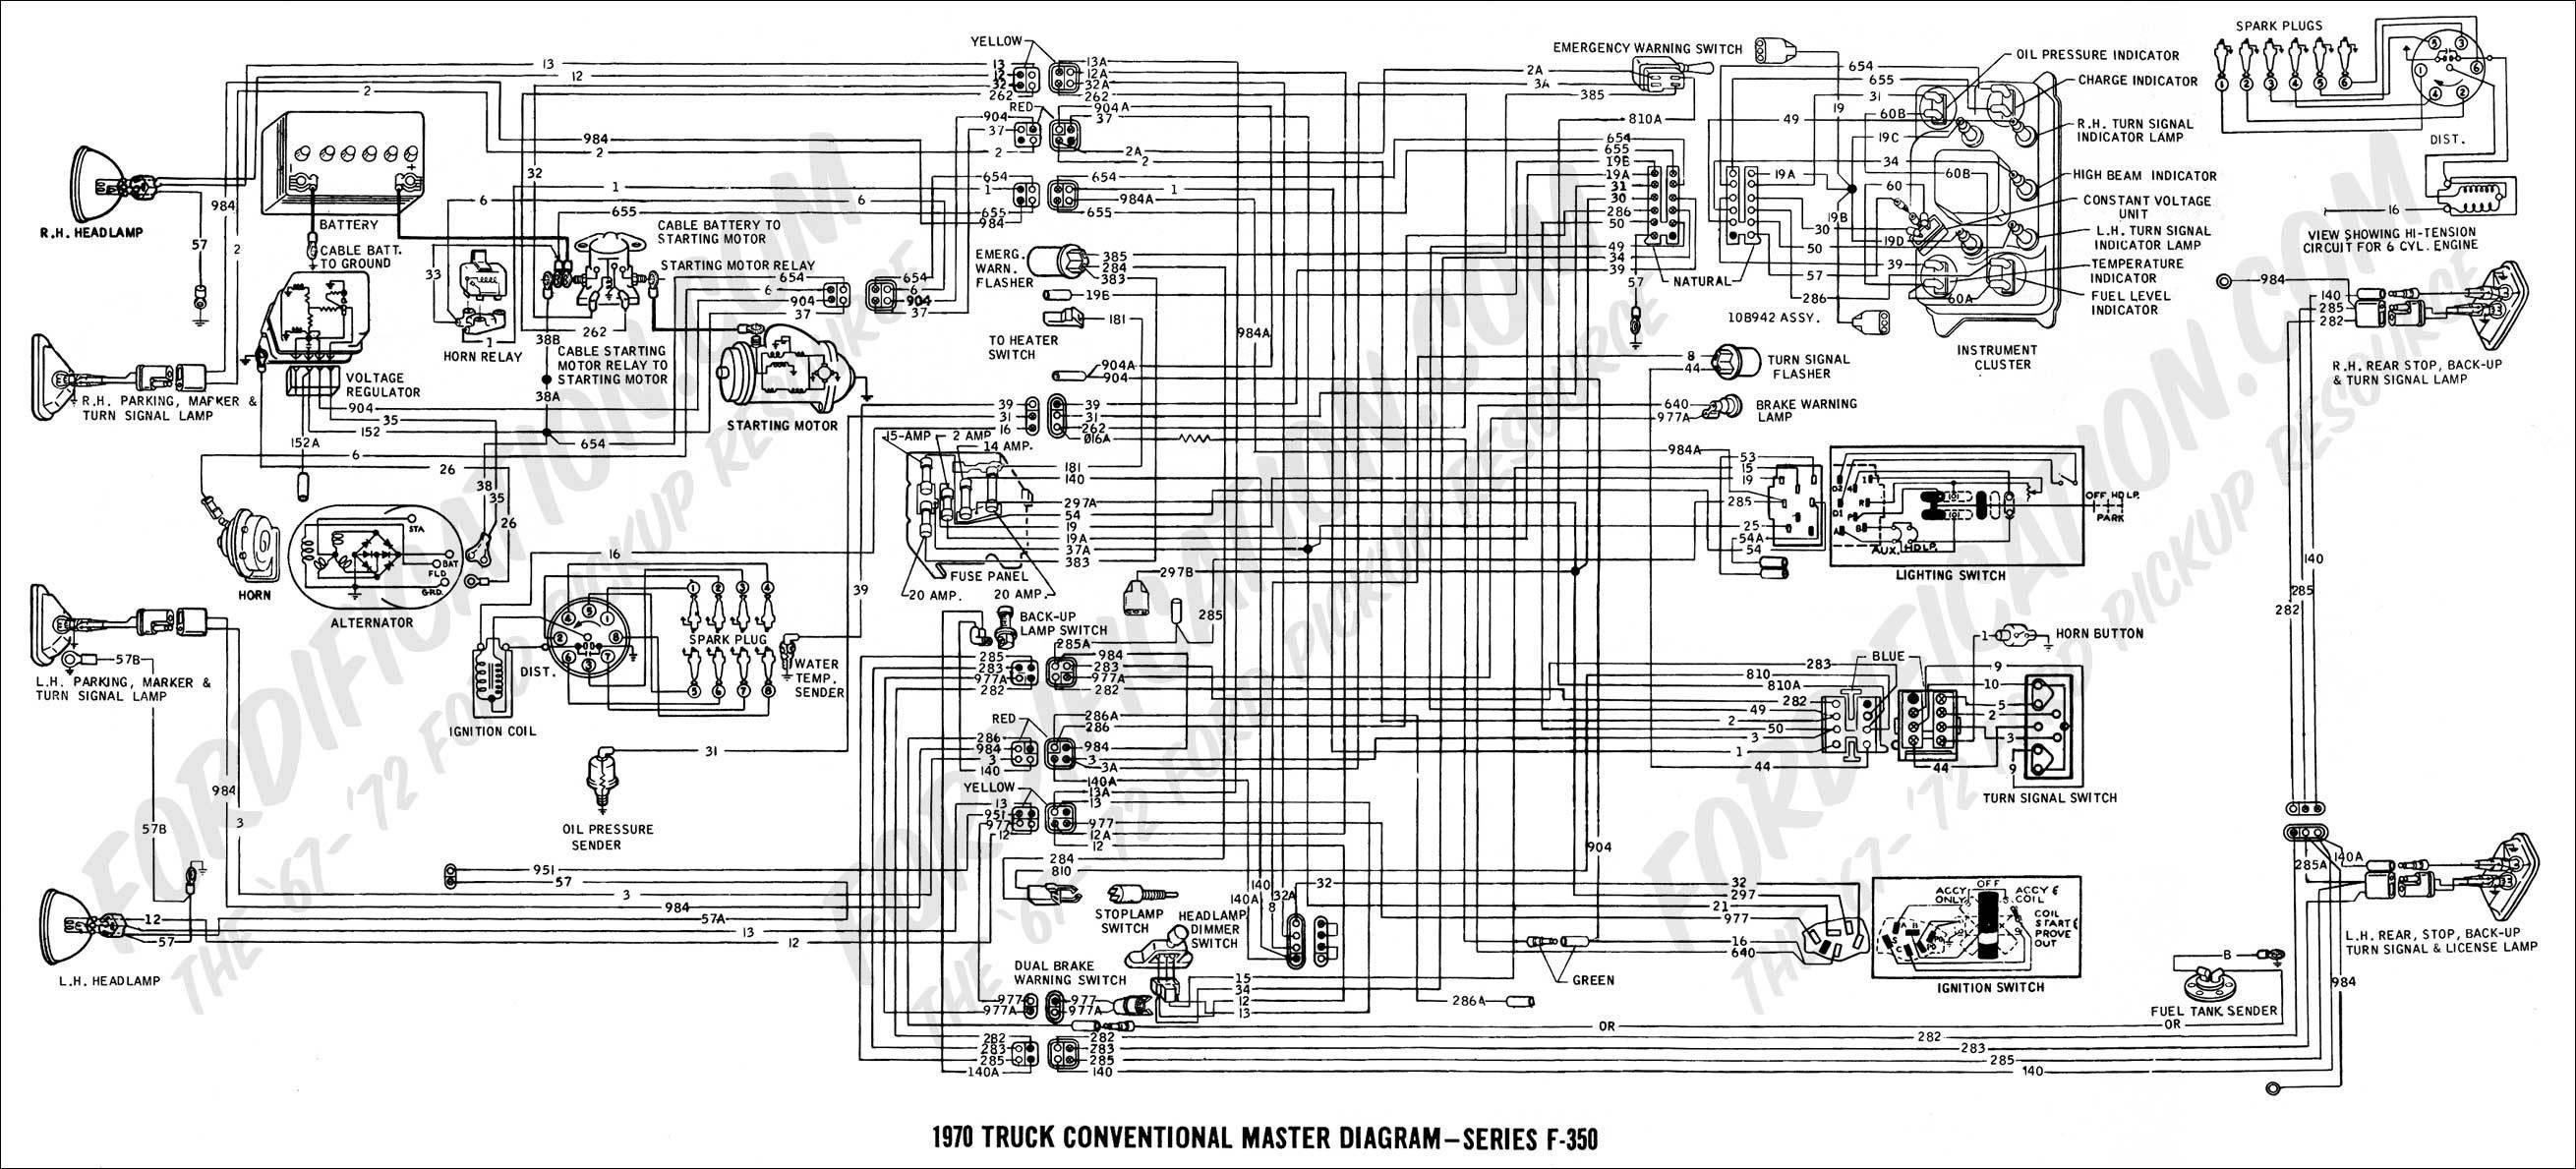 wiring diagram 1970 ford f 100 custom house wiring diagram symbols u2022 rh maxturner co